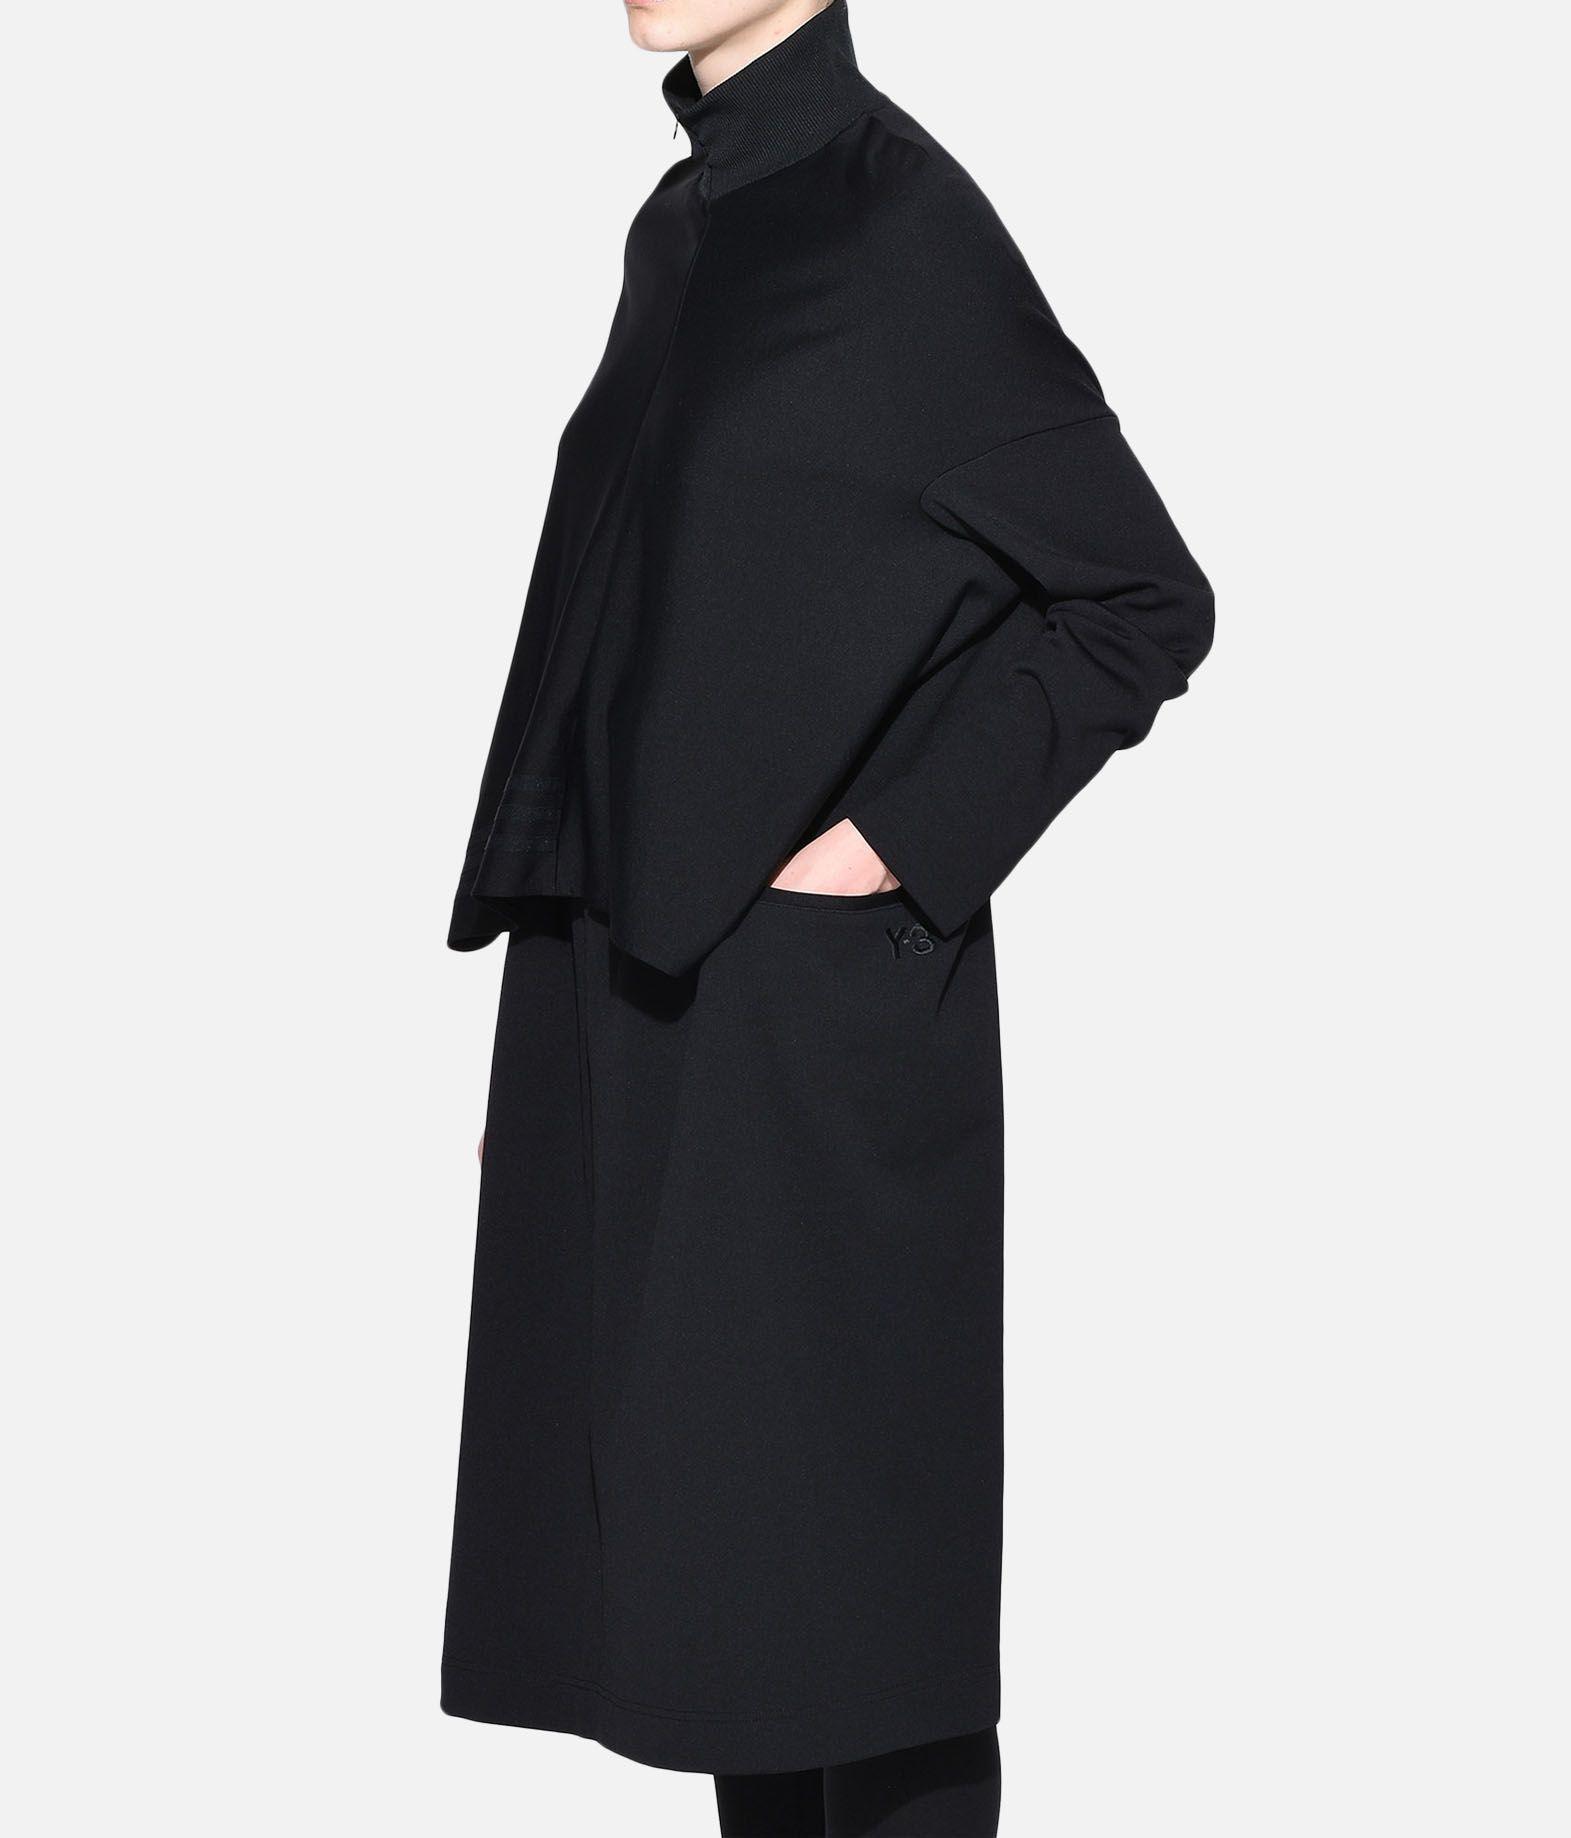 Y-3 Y-3 Matte Track Dress Платье длиной 3/4 Для Женщин e